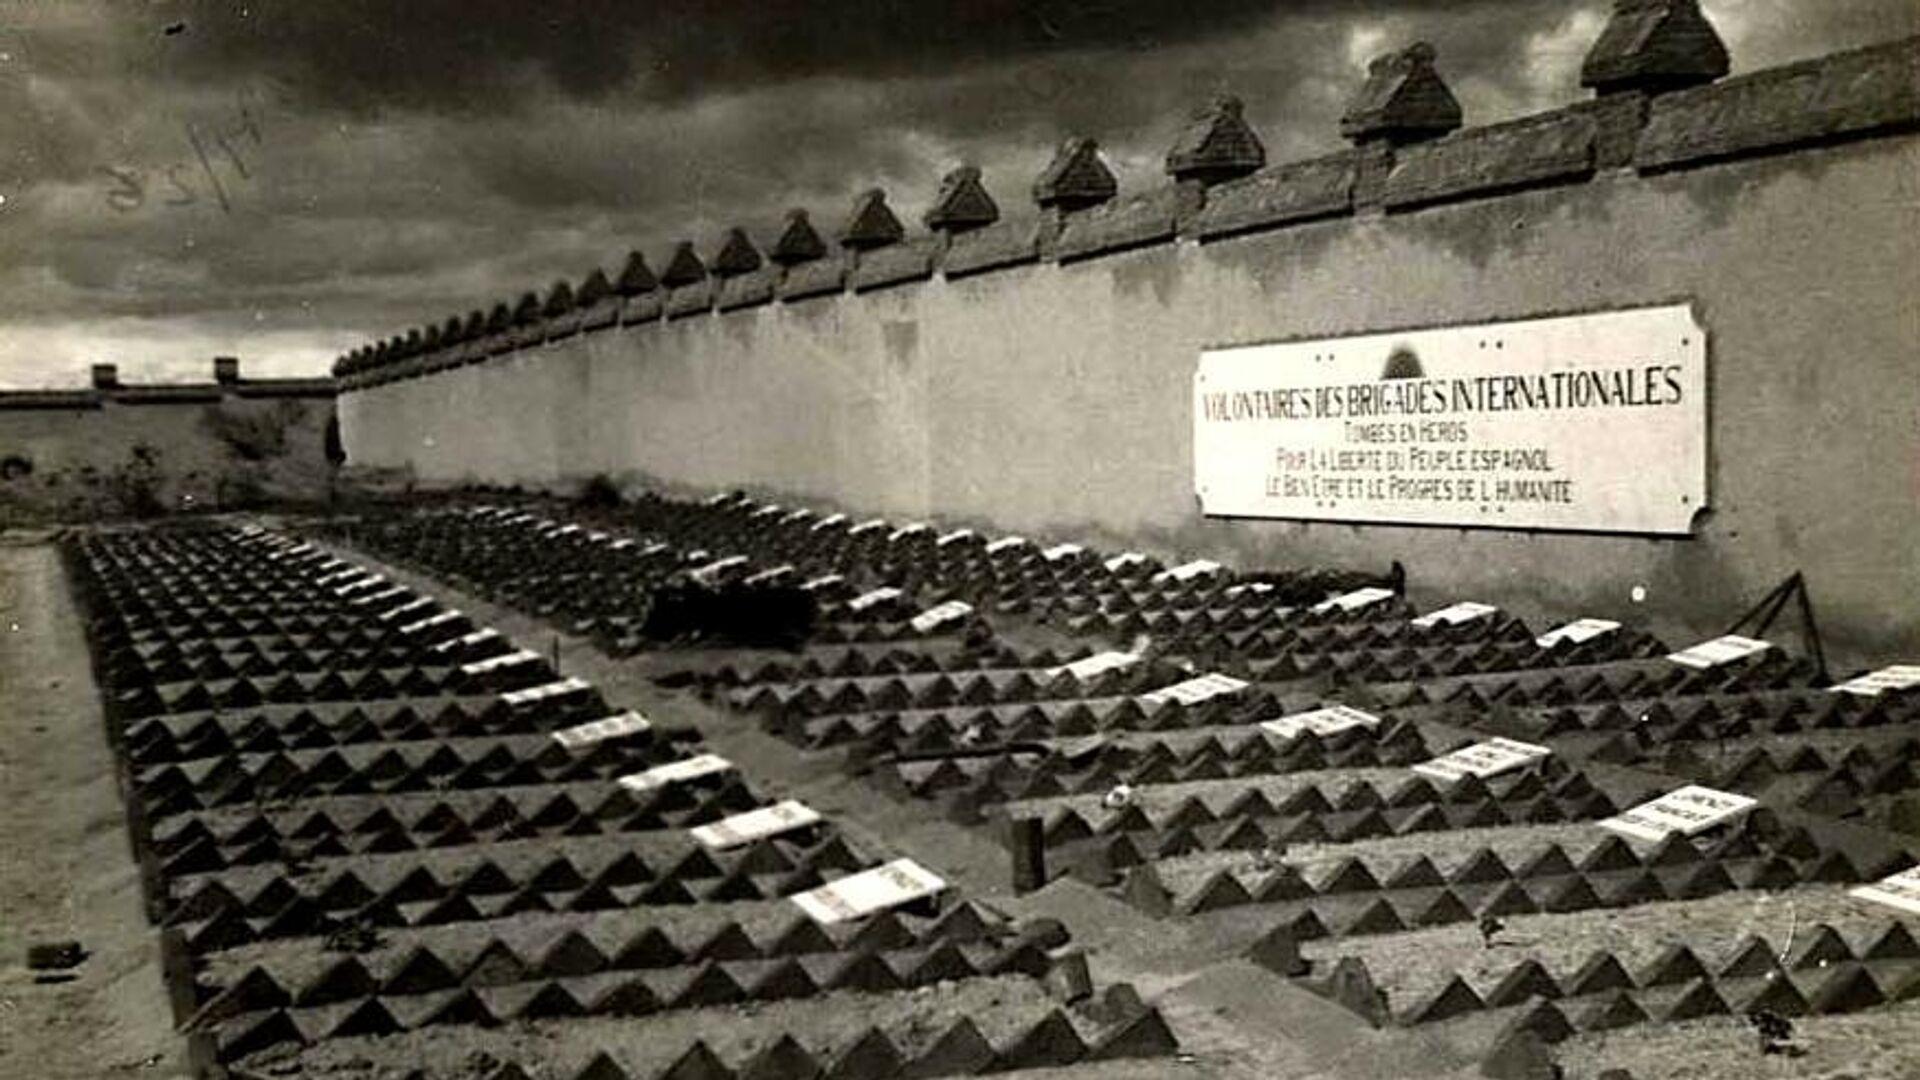 Tumbas de brigadistas internacionales en el cementerio de Fuencarral de Madrid - Sputnik Mundo, 1920, 24.04.2021